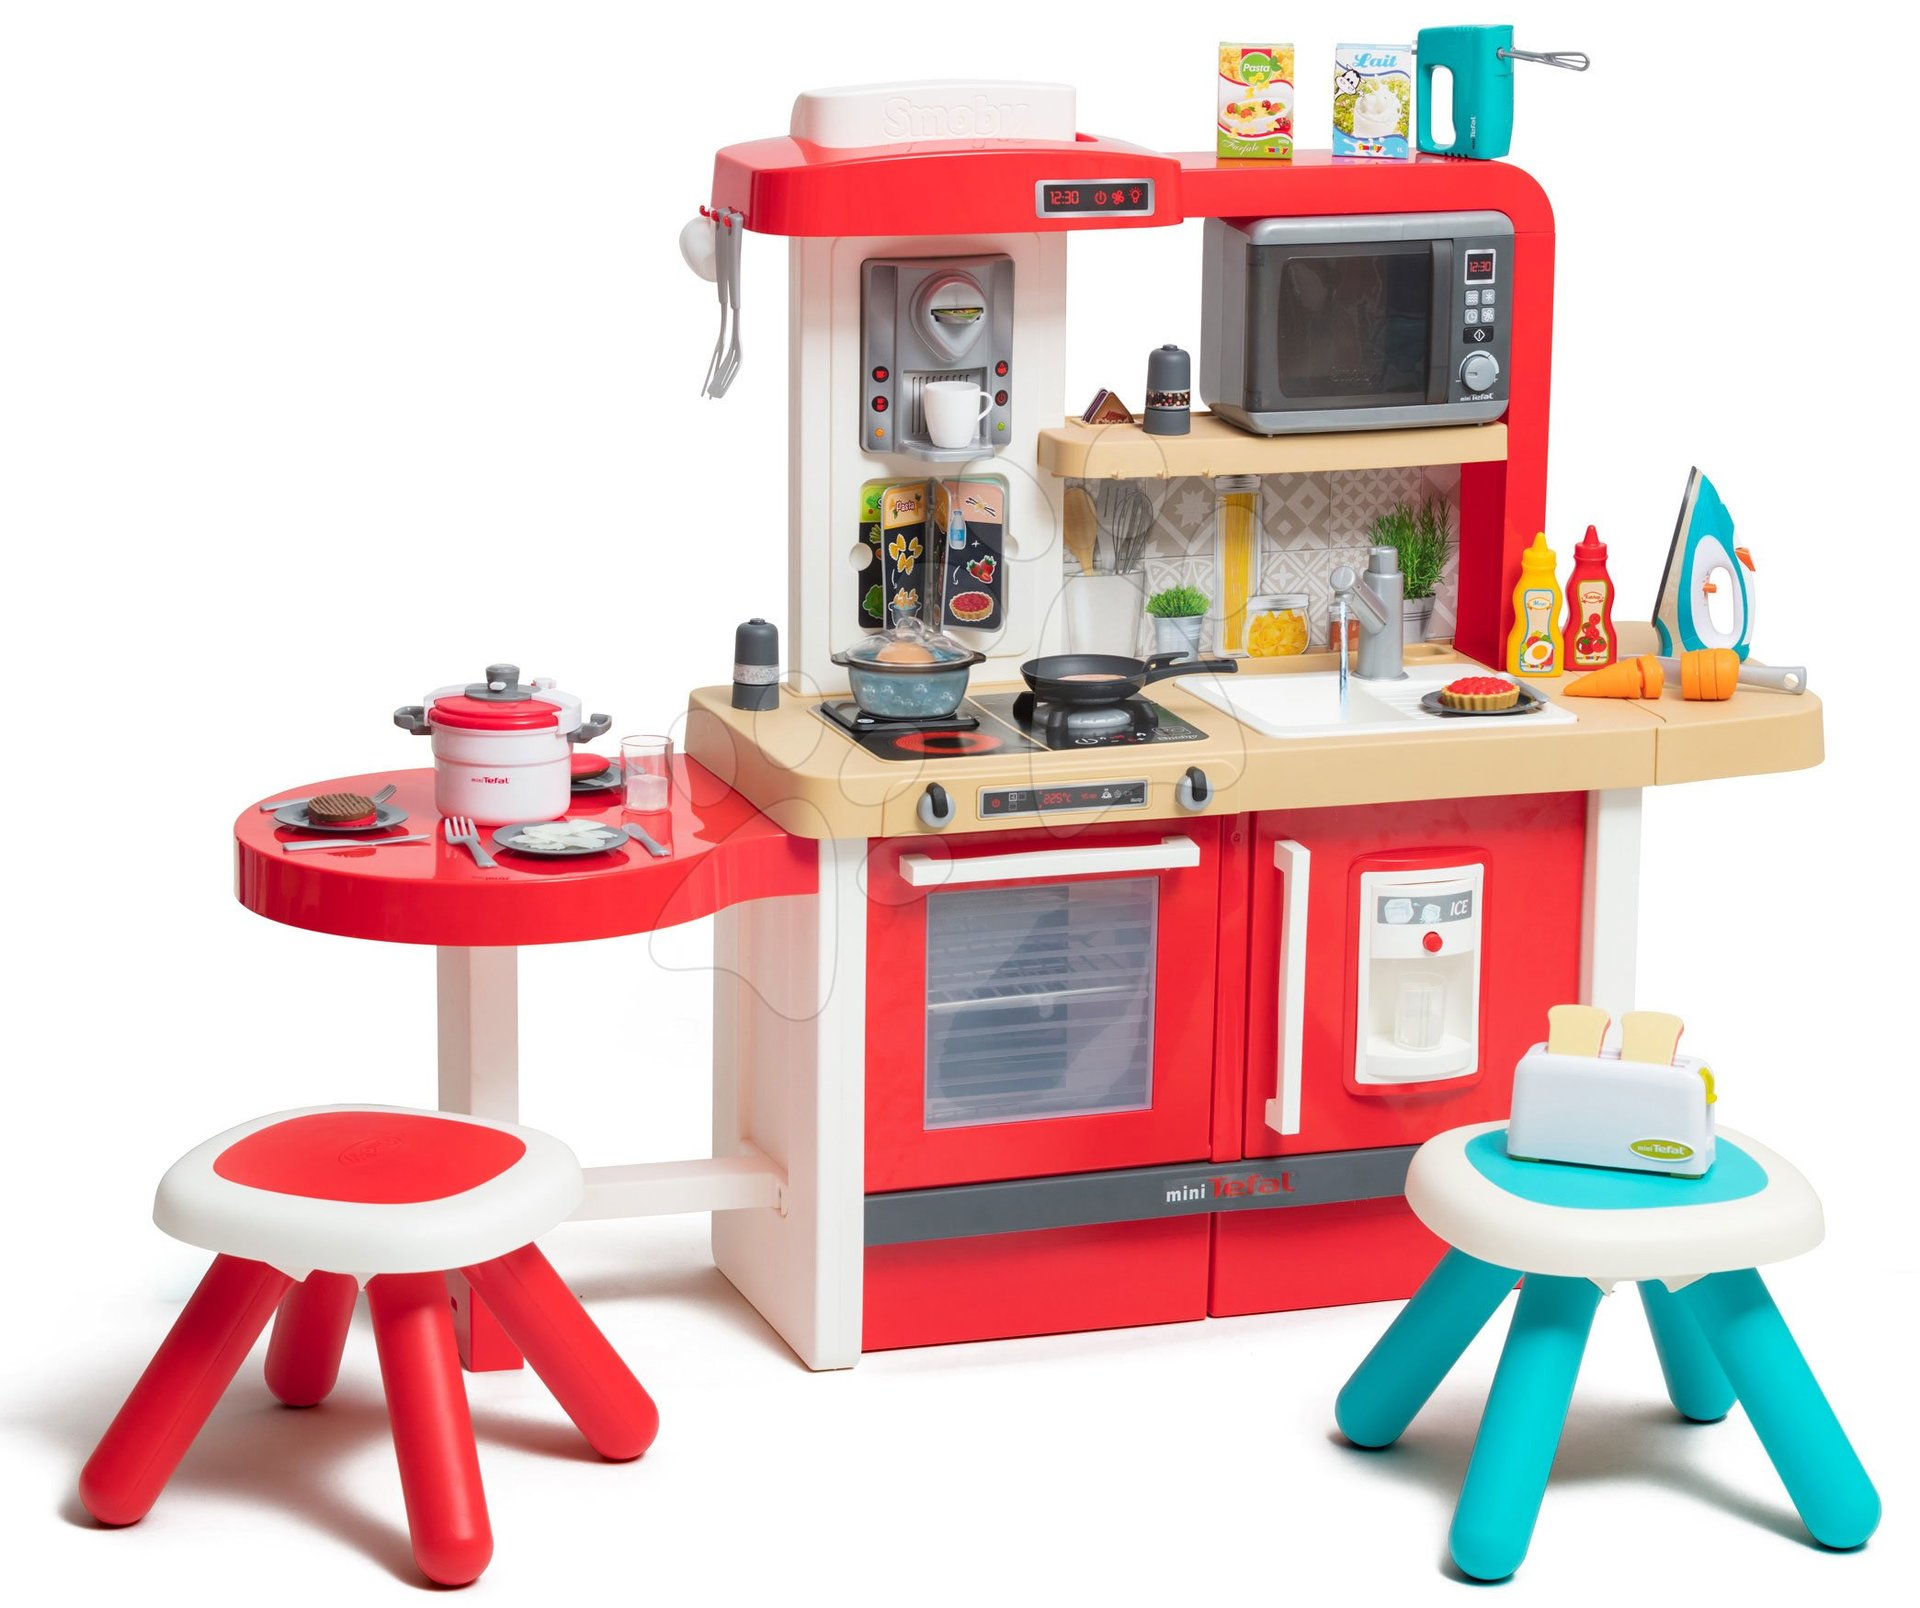 Kuchyňka rostoucí s tekoucí vodou a mikrovlnkou Tefal Evolutive Gourment Smoby se dvěma stolky a spotřebiči